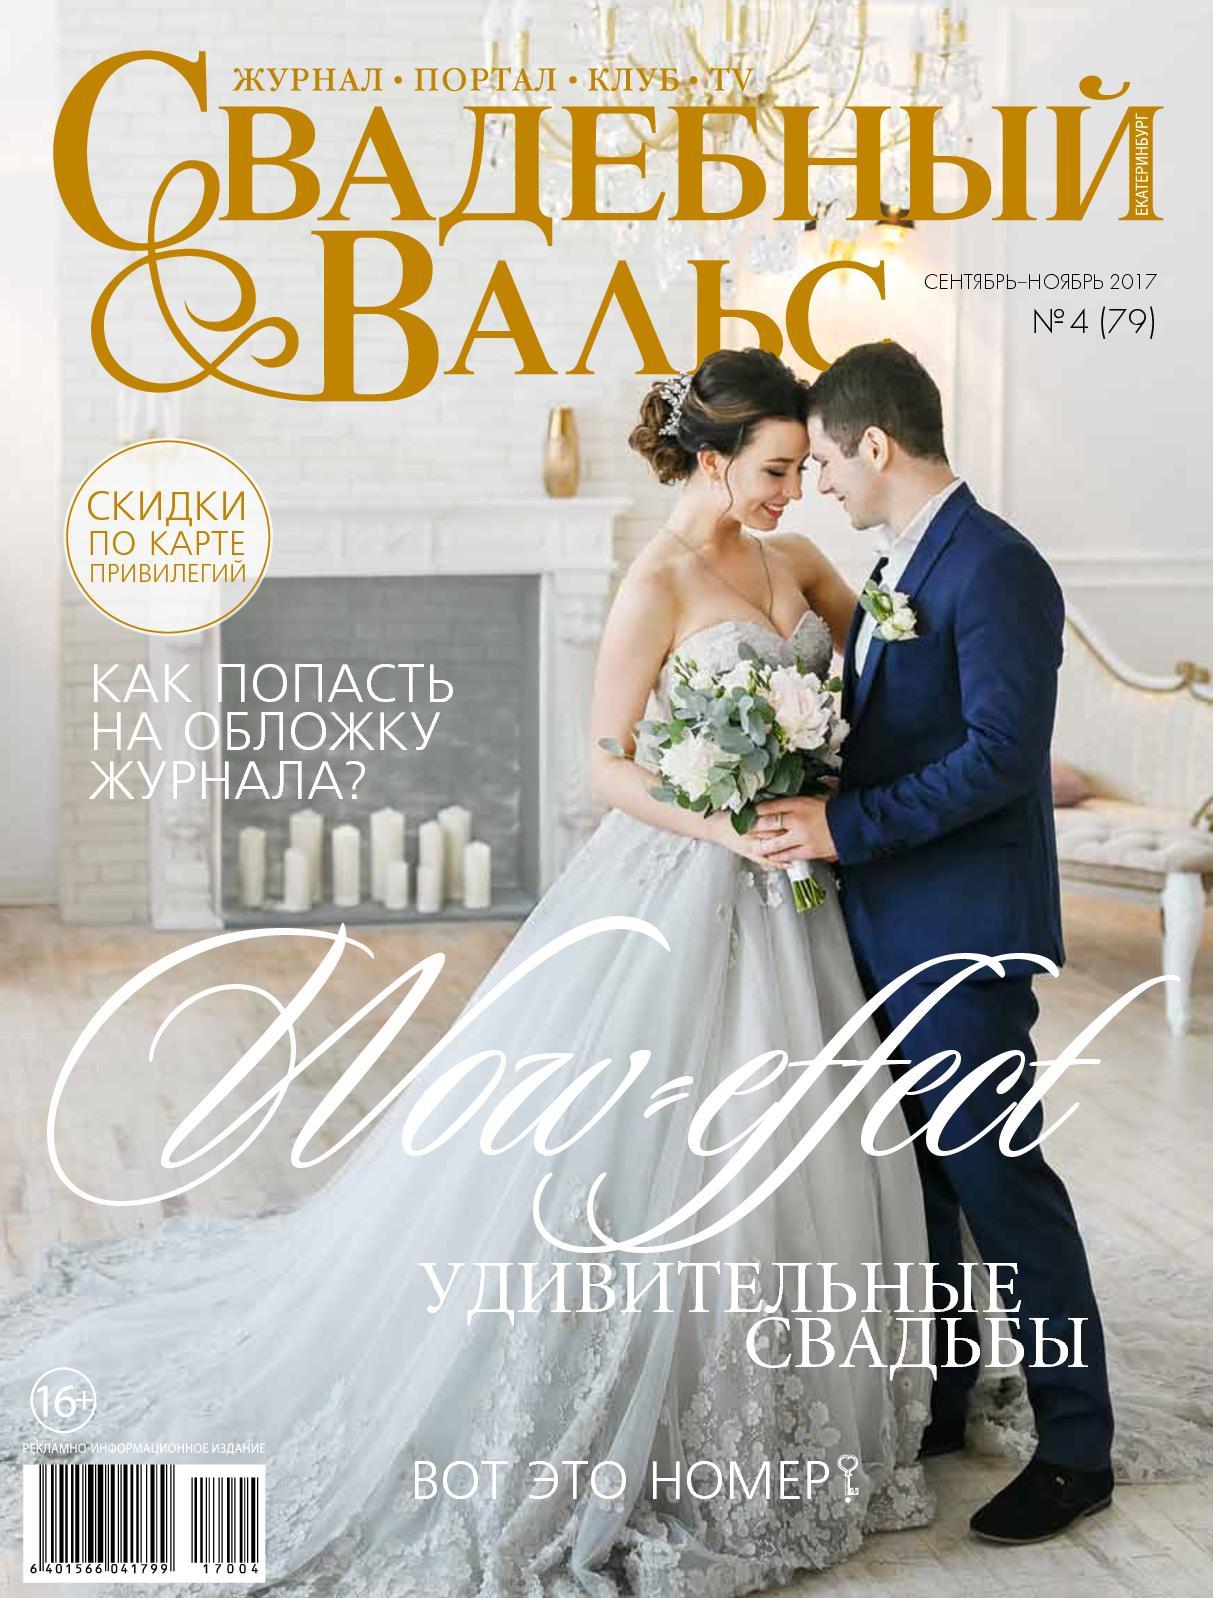 Свадебные конкурсы для гостей, которые надолго останутся в памяти и не дадут заскучать на свадьбе